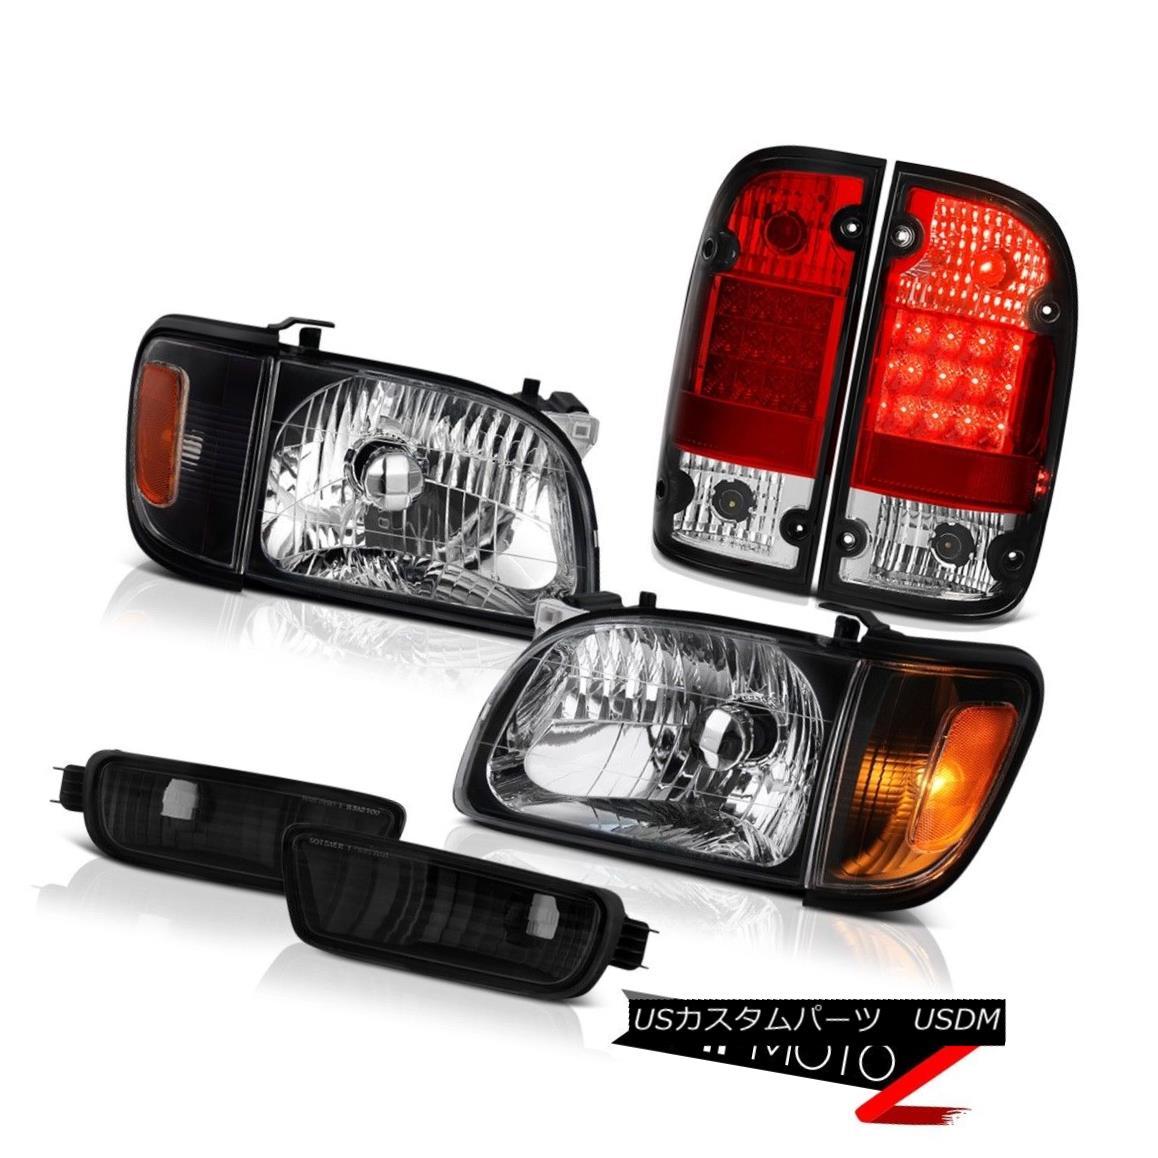 ヘッドライト 01 02 03 04 Toyota Tacoma 4WD Rosso red taillamps raven black headlights bumper 01 02 03 04トヨタタコマ4WDロッソレッドテールランプラベンネブラックヘッドライトバンパー